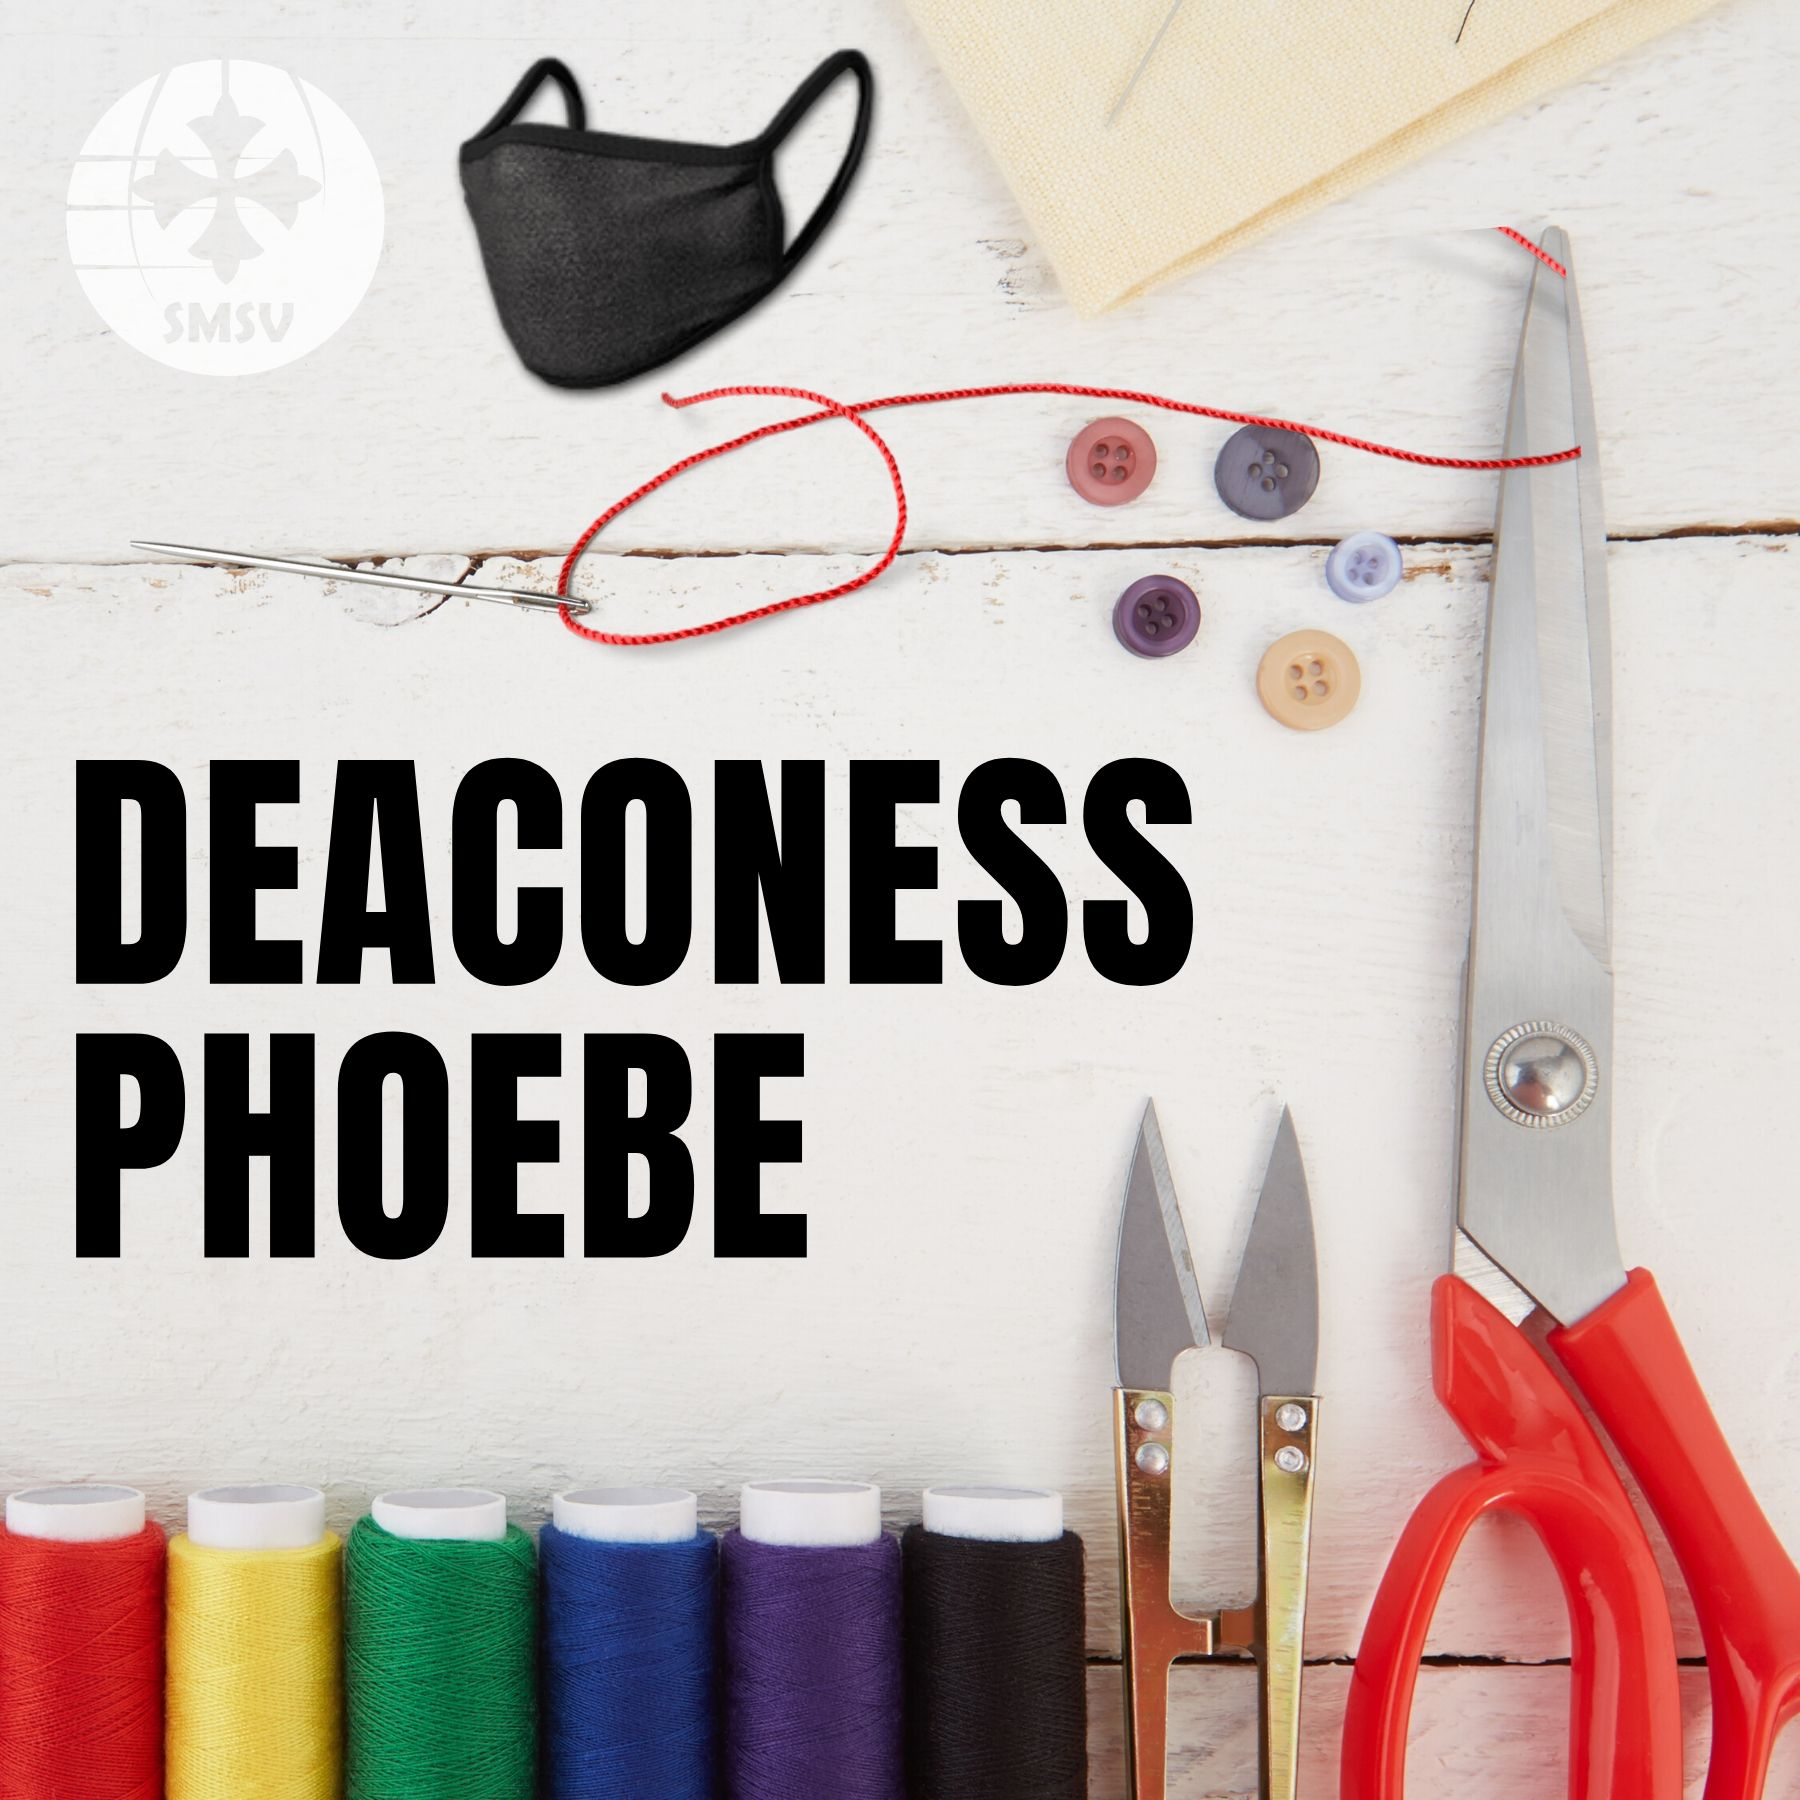 deaconness phoebe logo